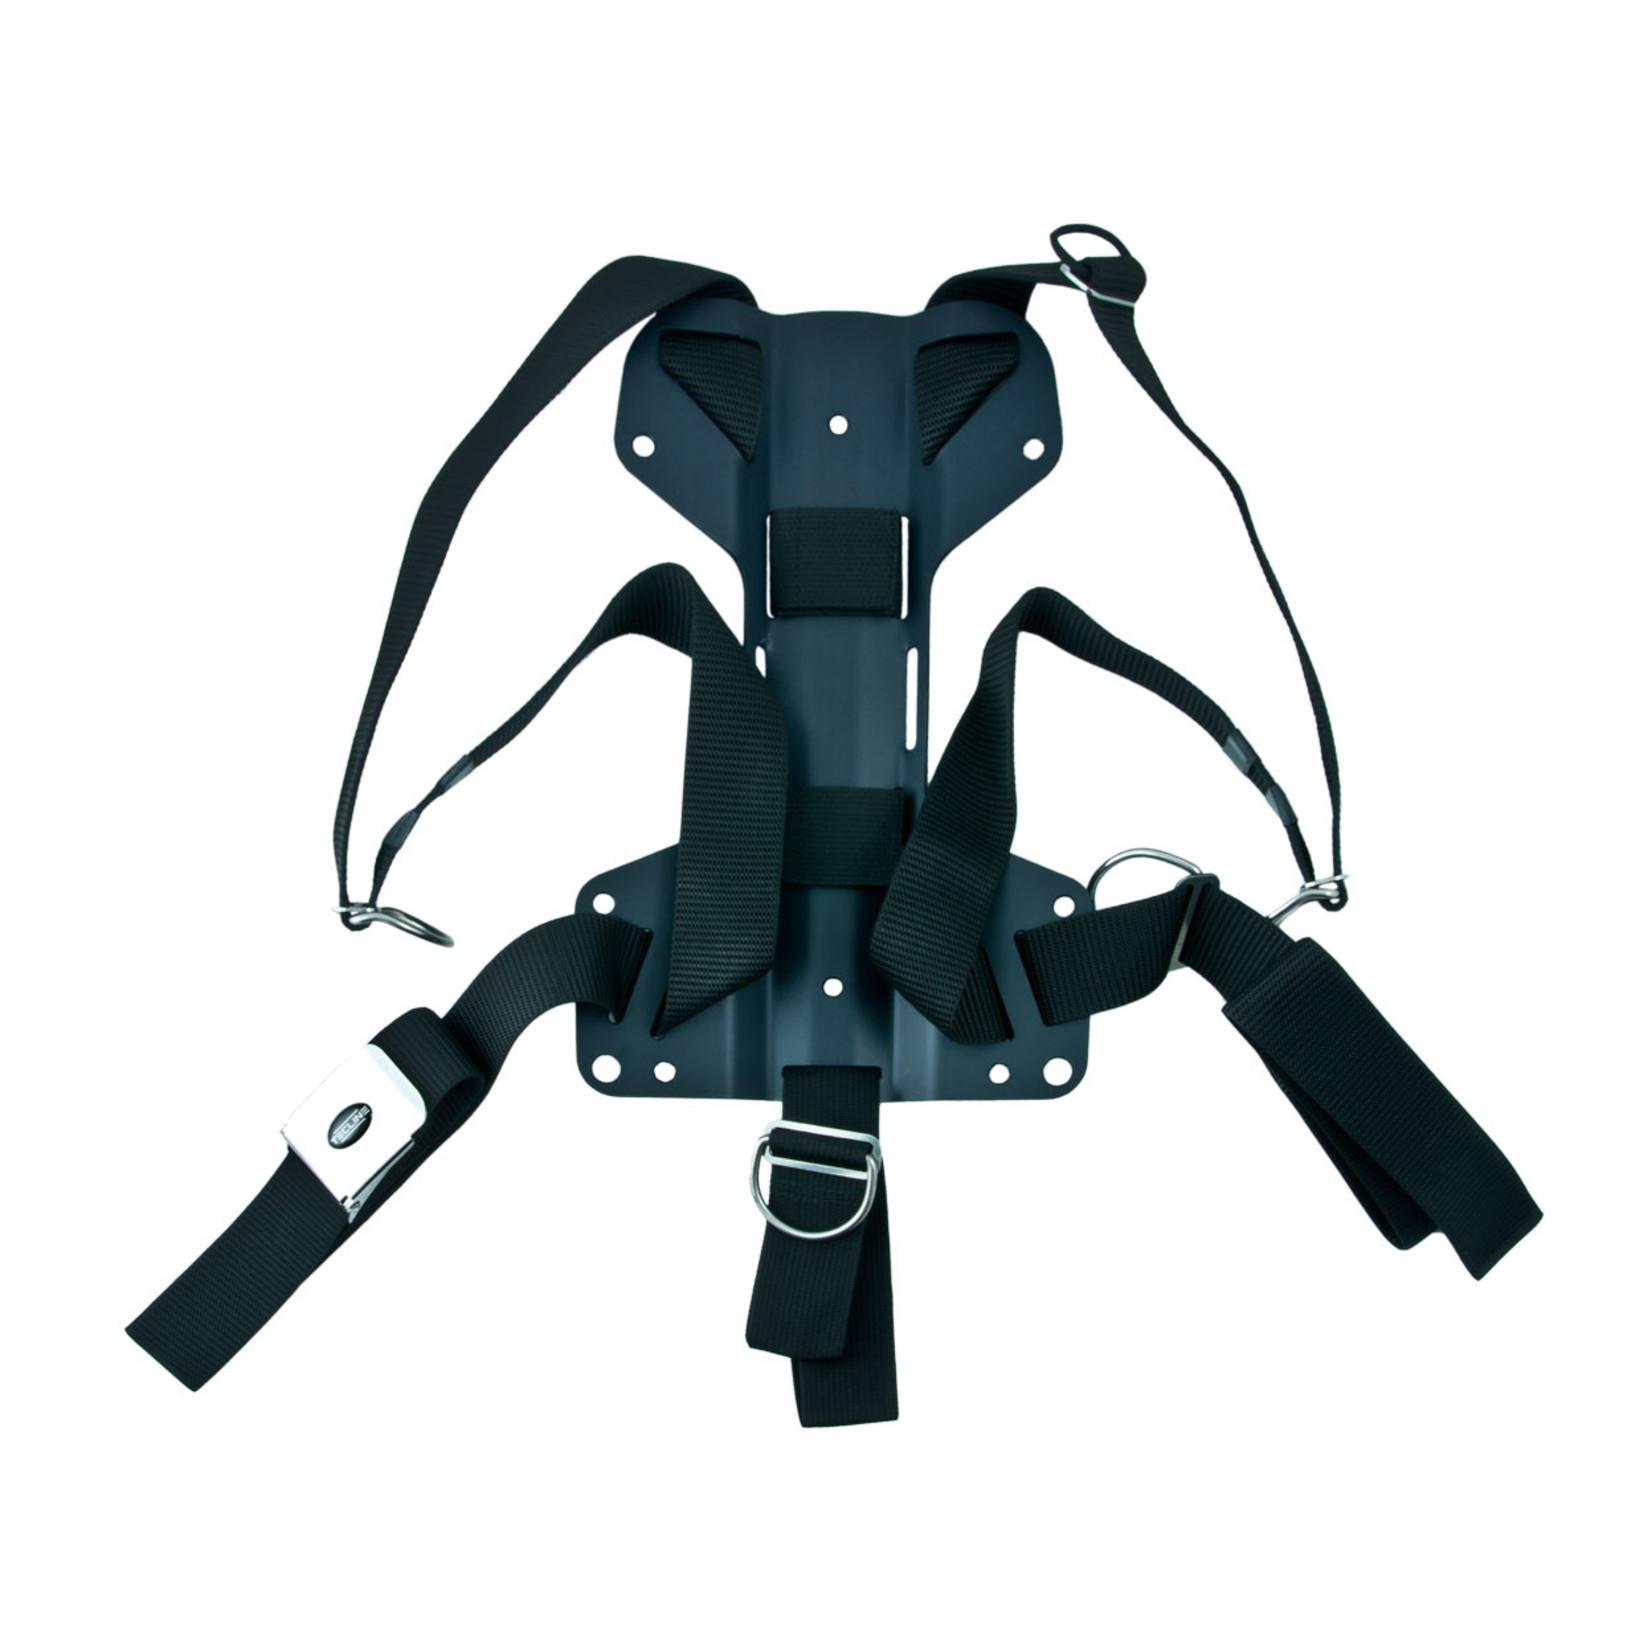 Tecline Harness Tecline DIR standard webbing - incl. 3mm aluminum backplate H - weight 1,27 kg